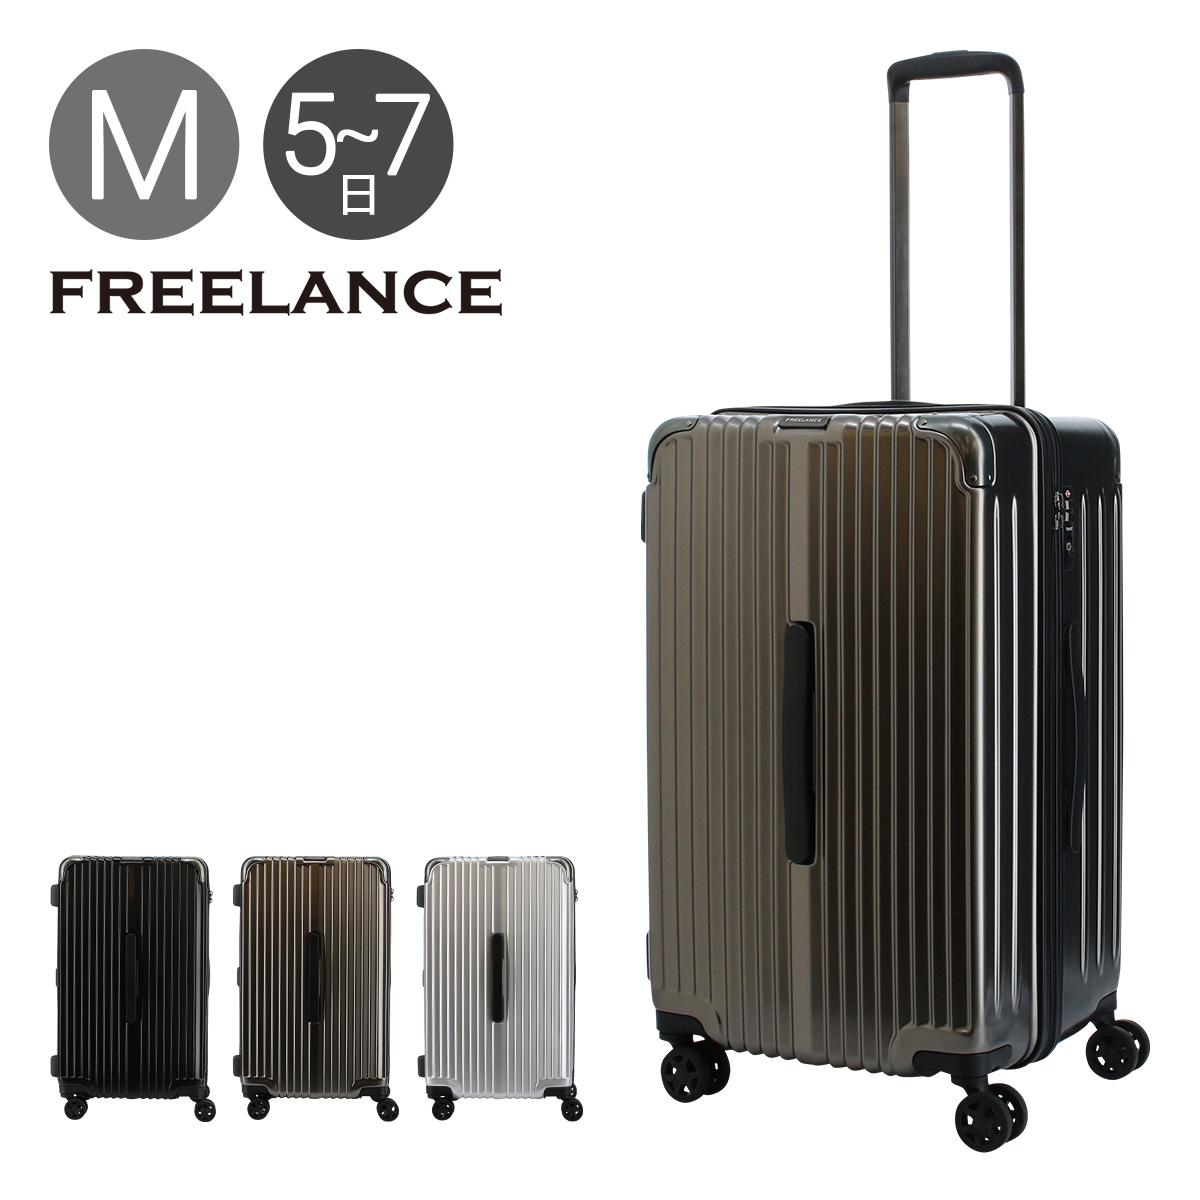 フリーランス スーツケース 当社限定| 67L 60cm 3.8kg FLT-005ハード ファスナー|FREELANCE TSAロック搭載|大容量|おしゃれキャリーバッグ キャリーケース ビジネスキャリー[PO5][即日発送]